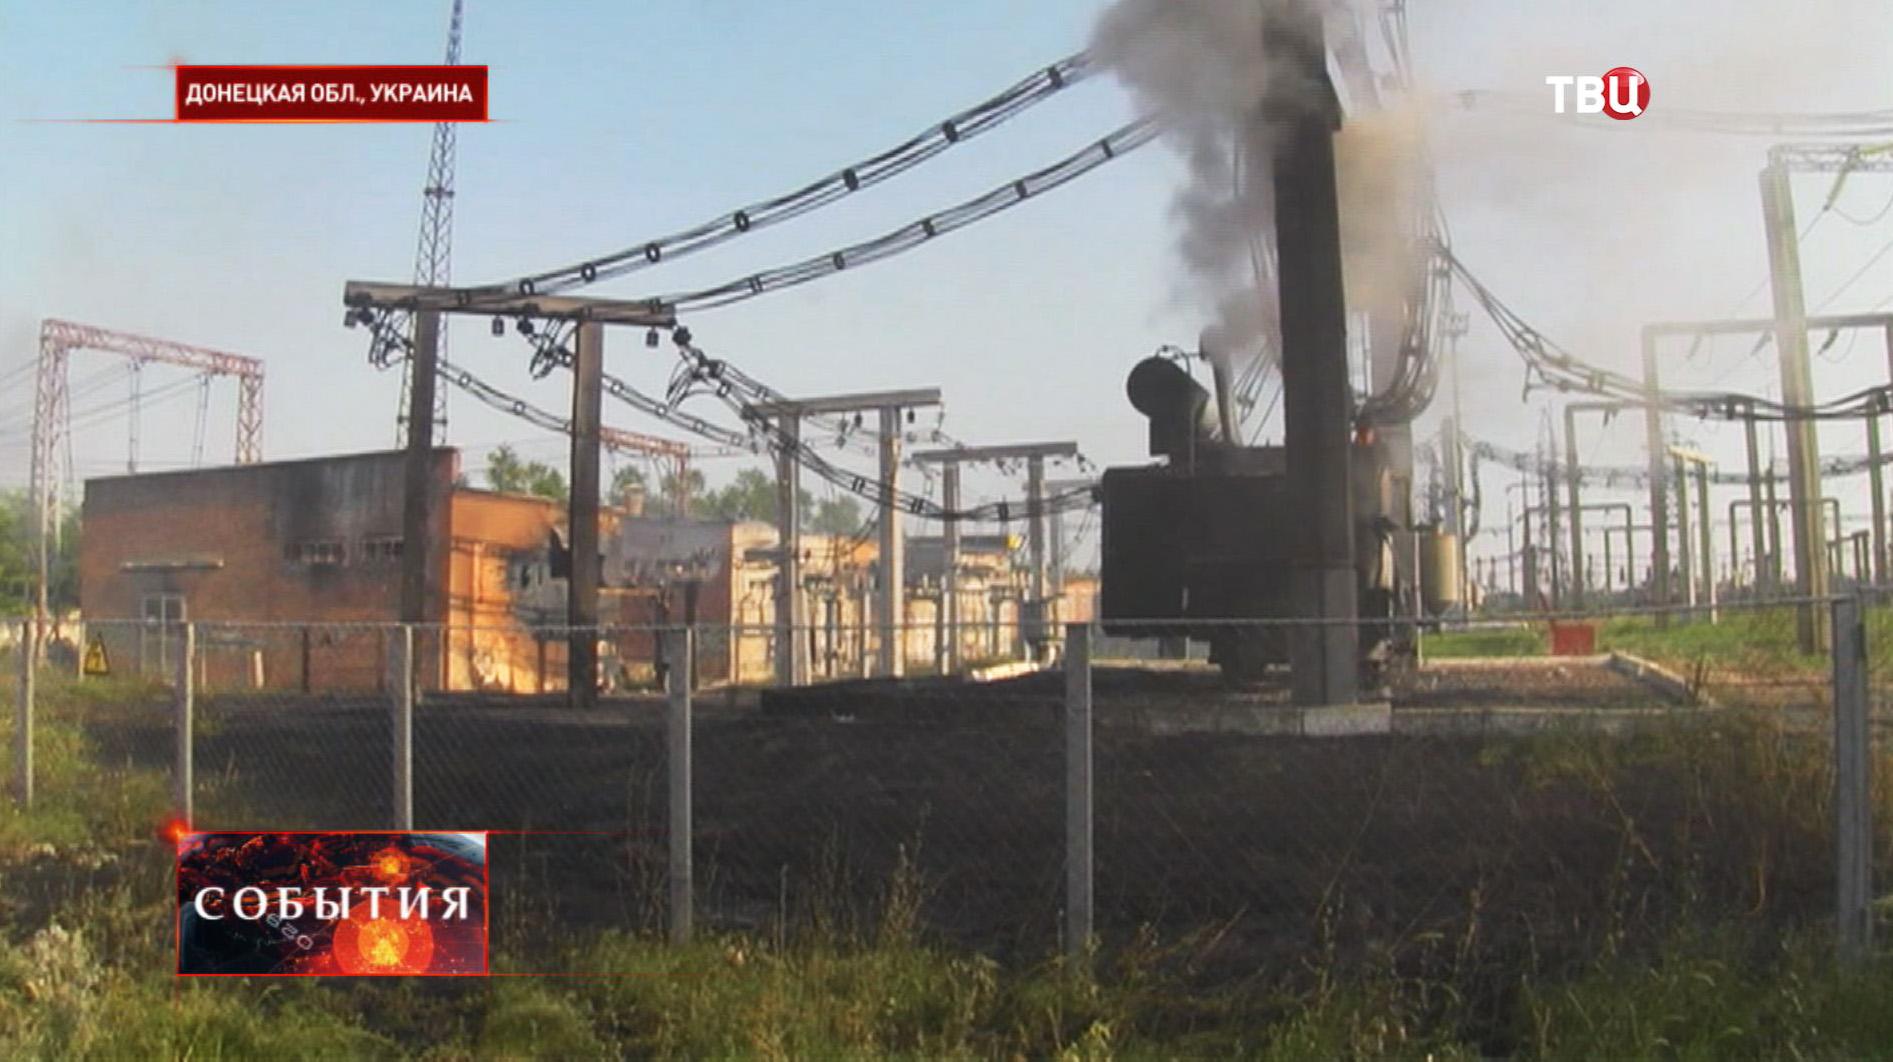 Пожар на электрической подстанции Донецка